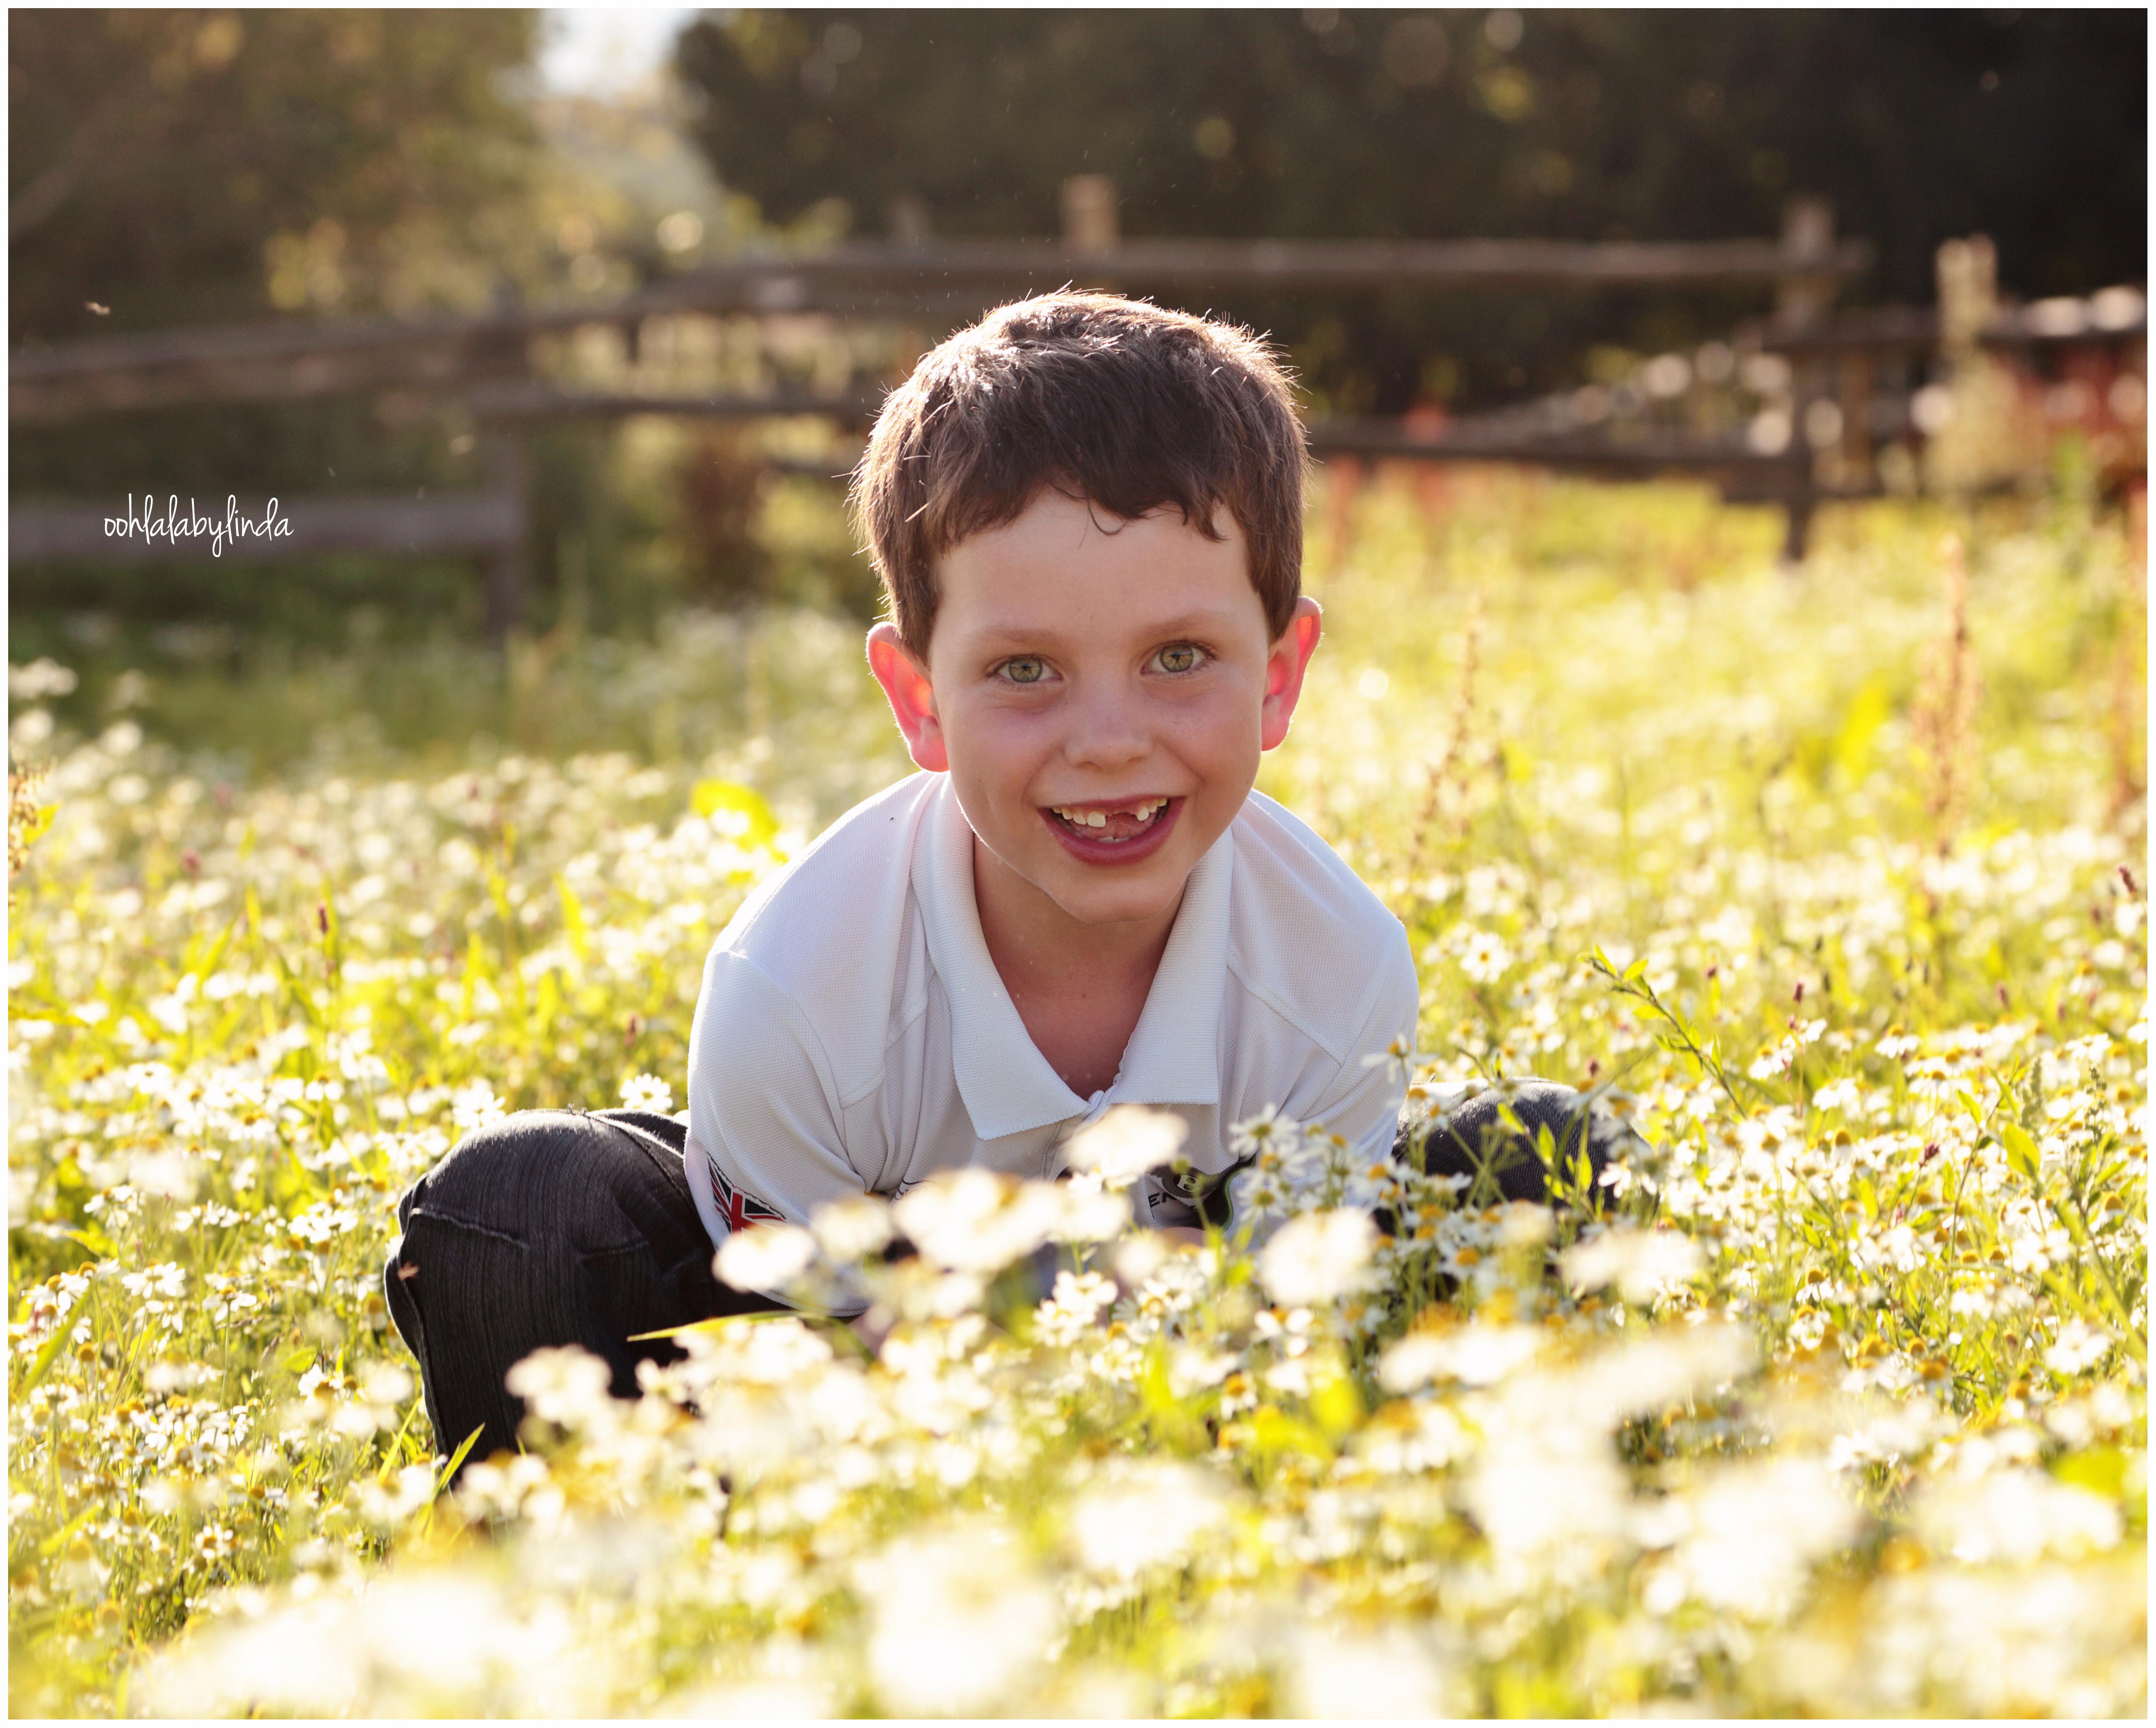 portrait of little boy in the field